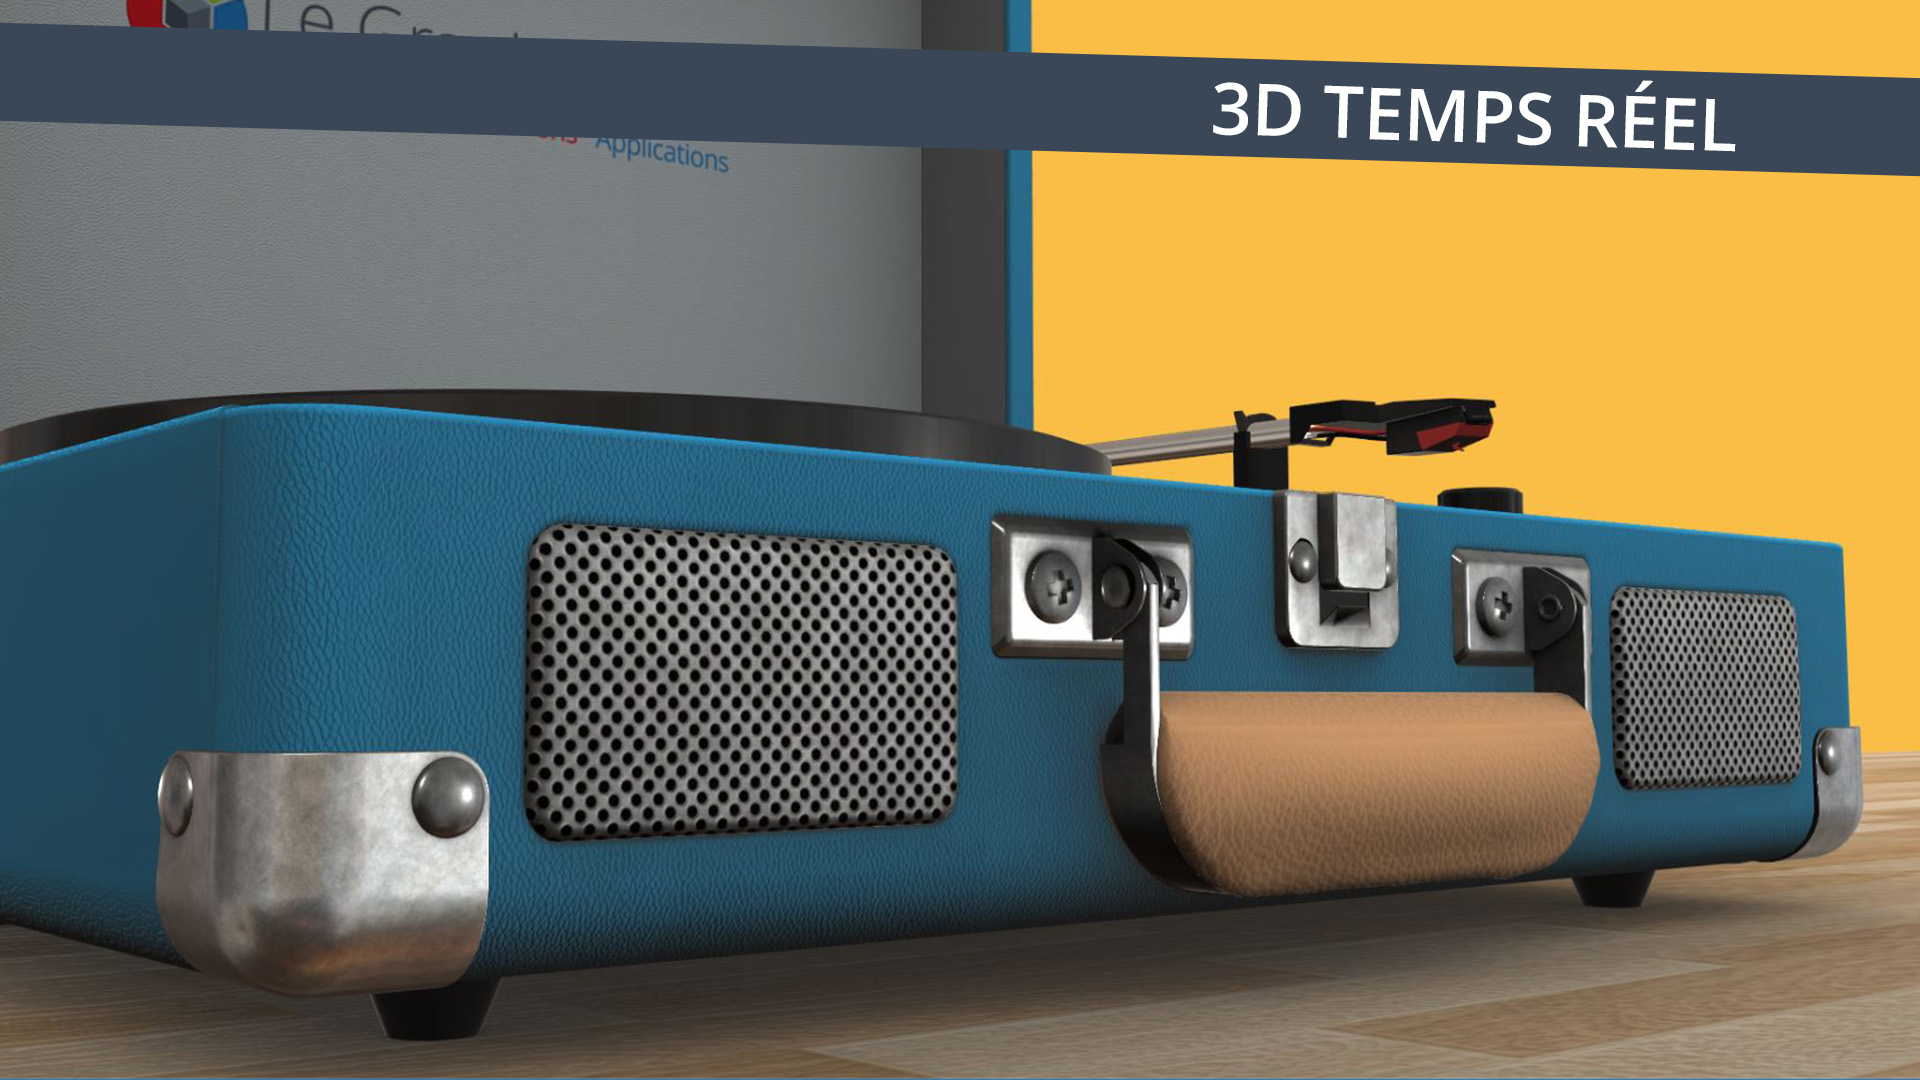 Application 3D temps réel - Gros plan tourne-disque bleu sur fond jaune - Le Graphiste 3D